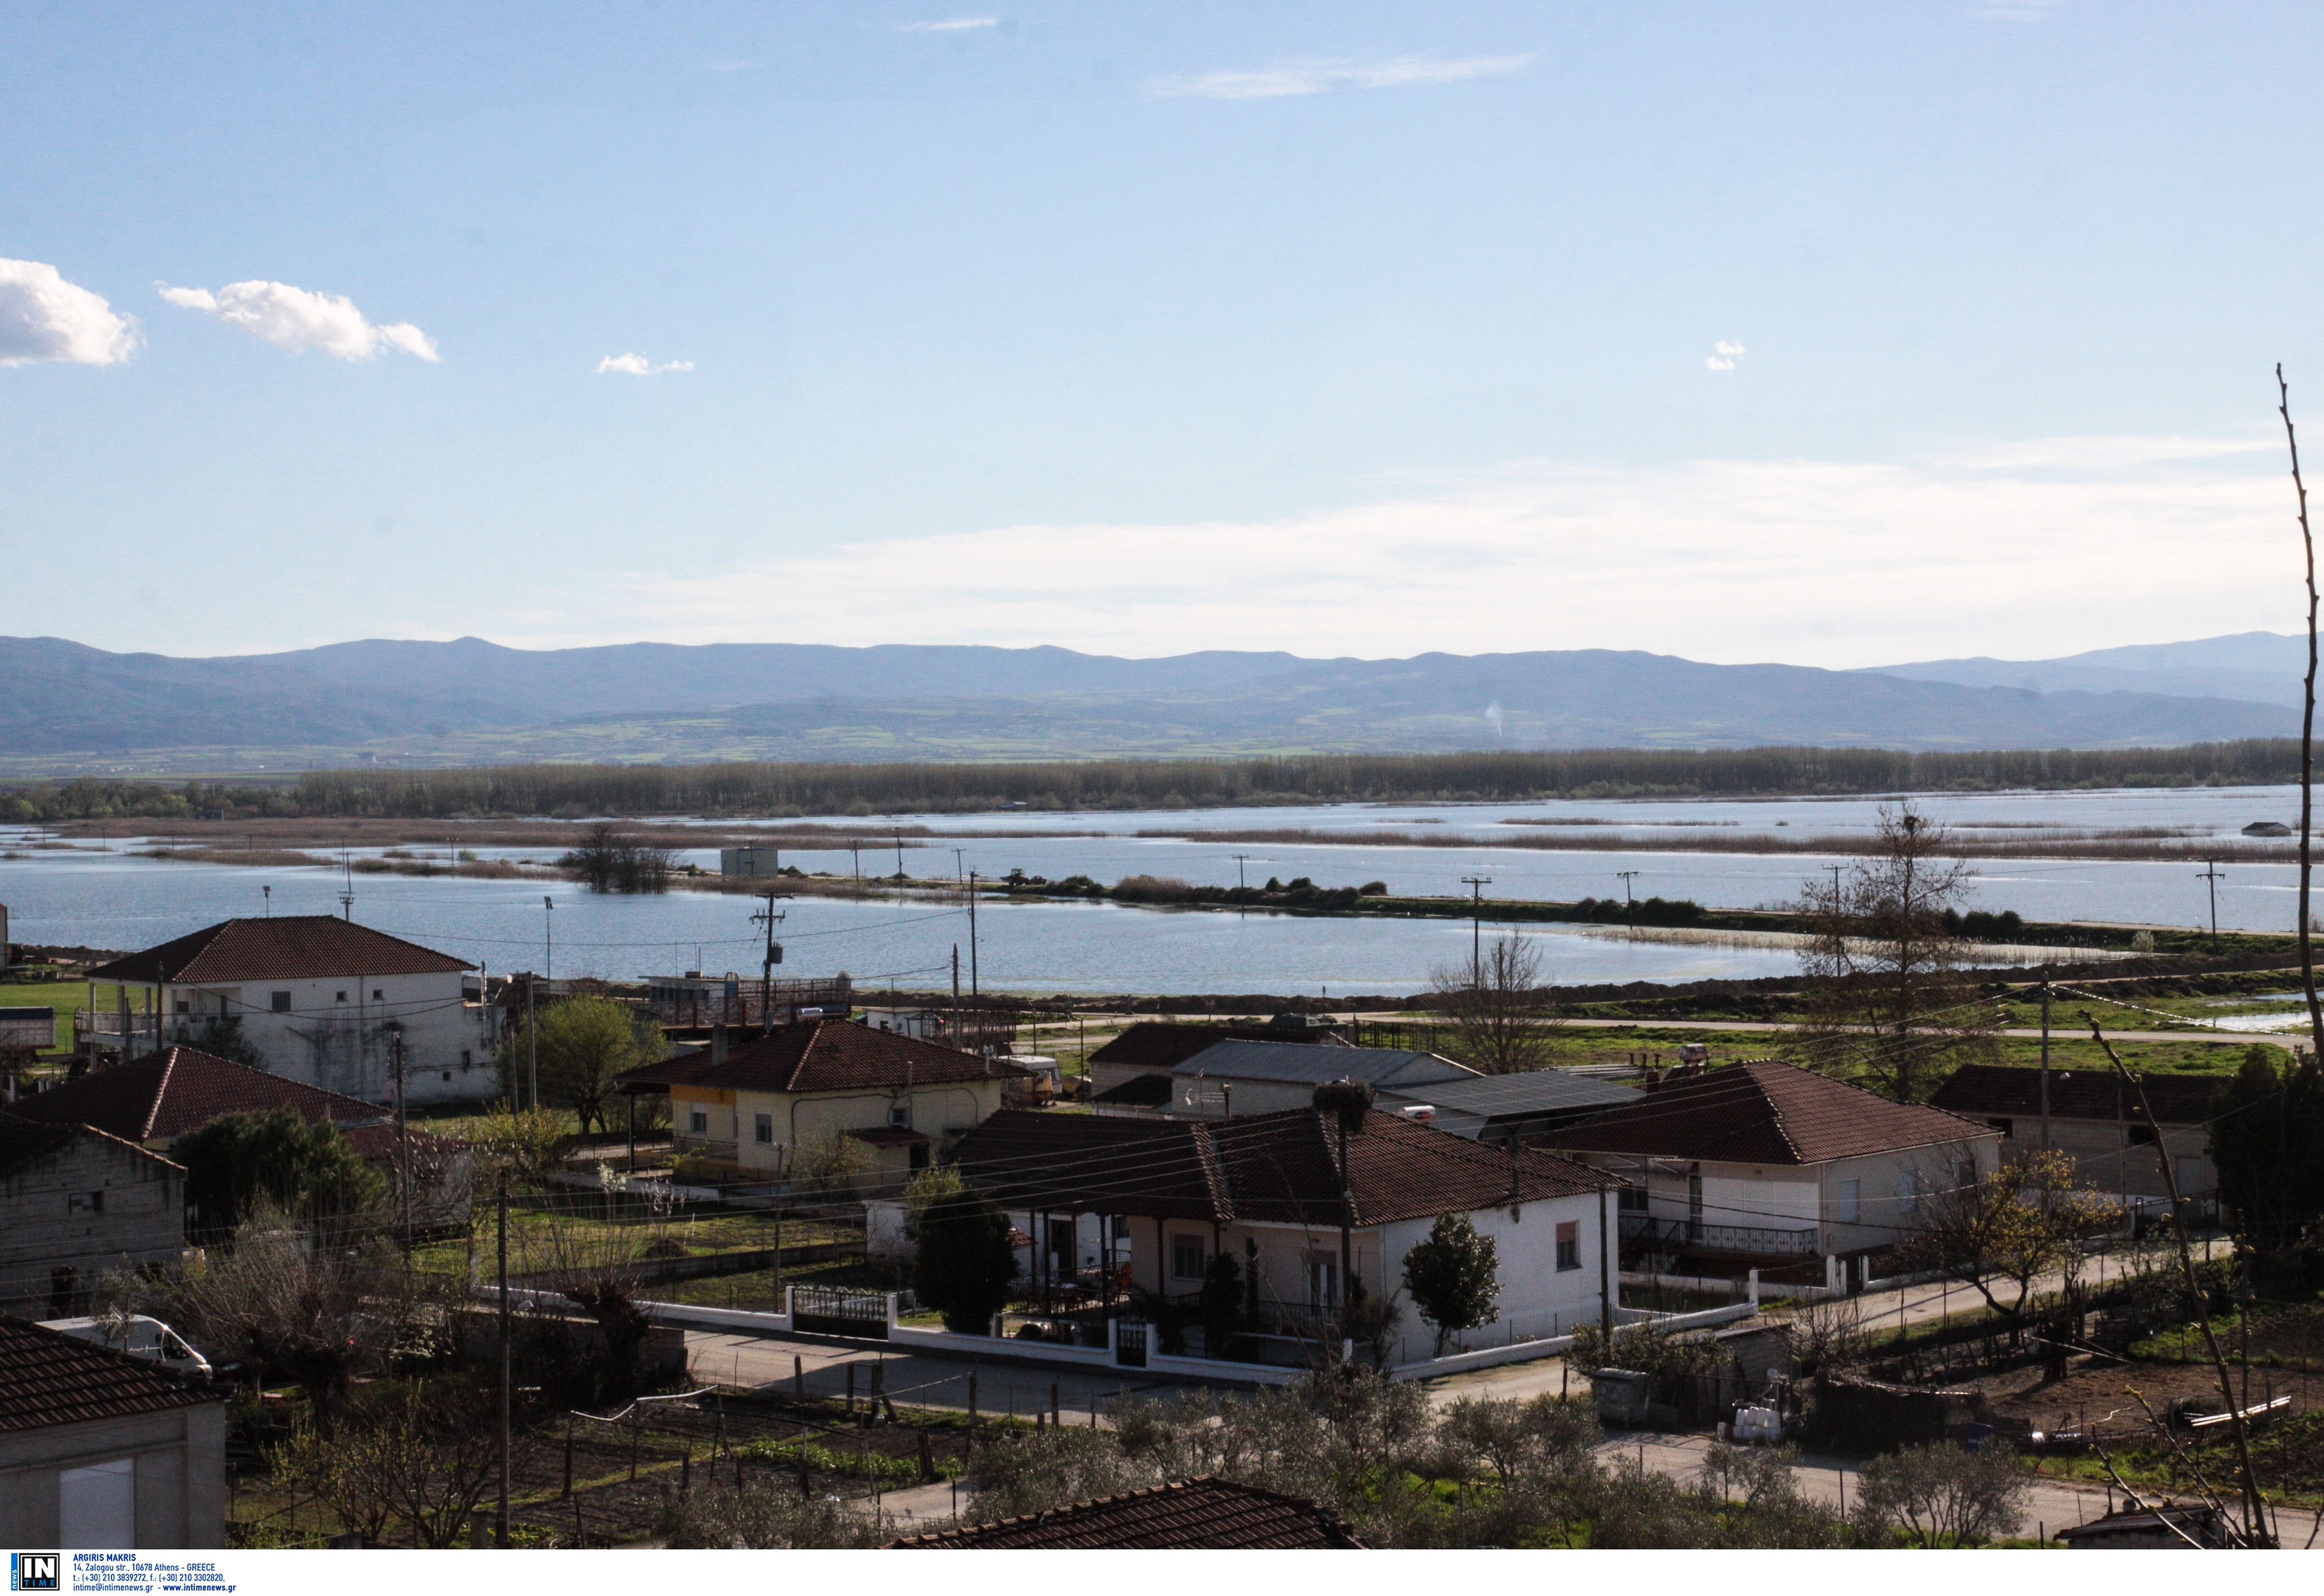 Σέρρες: Παράπονα και προτάσεις στον δήμαρχο της πόλης! Ουρές για μία συνάντηση μαζί του